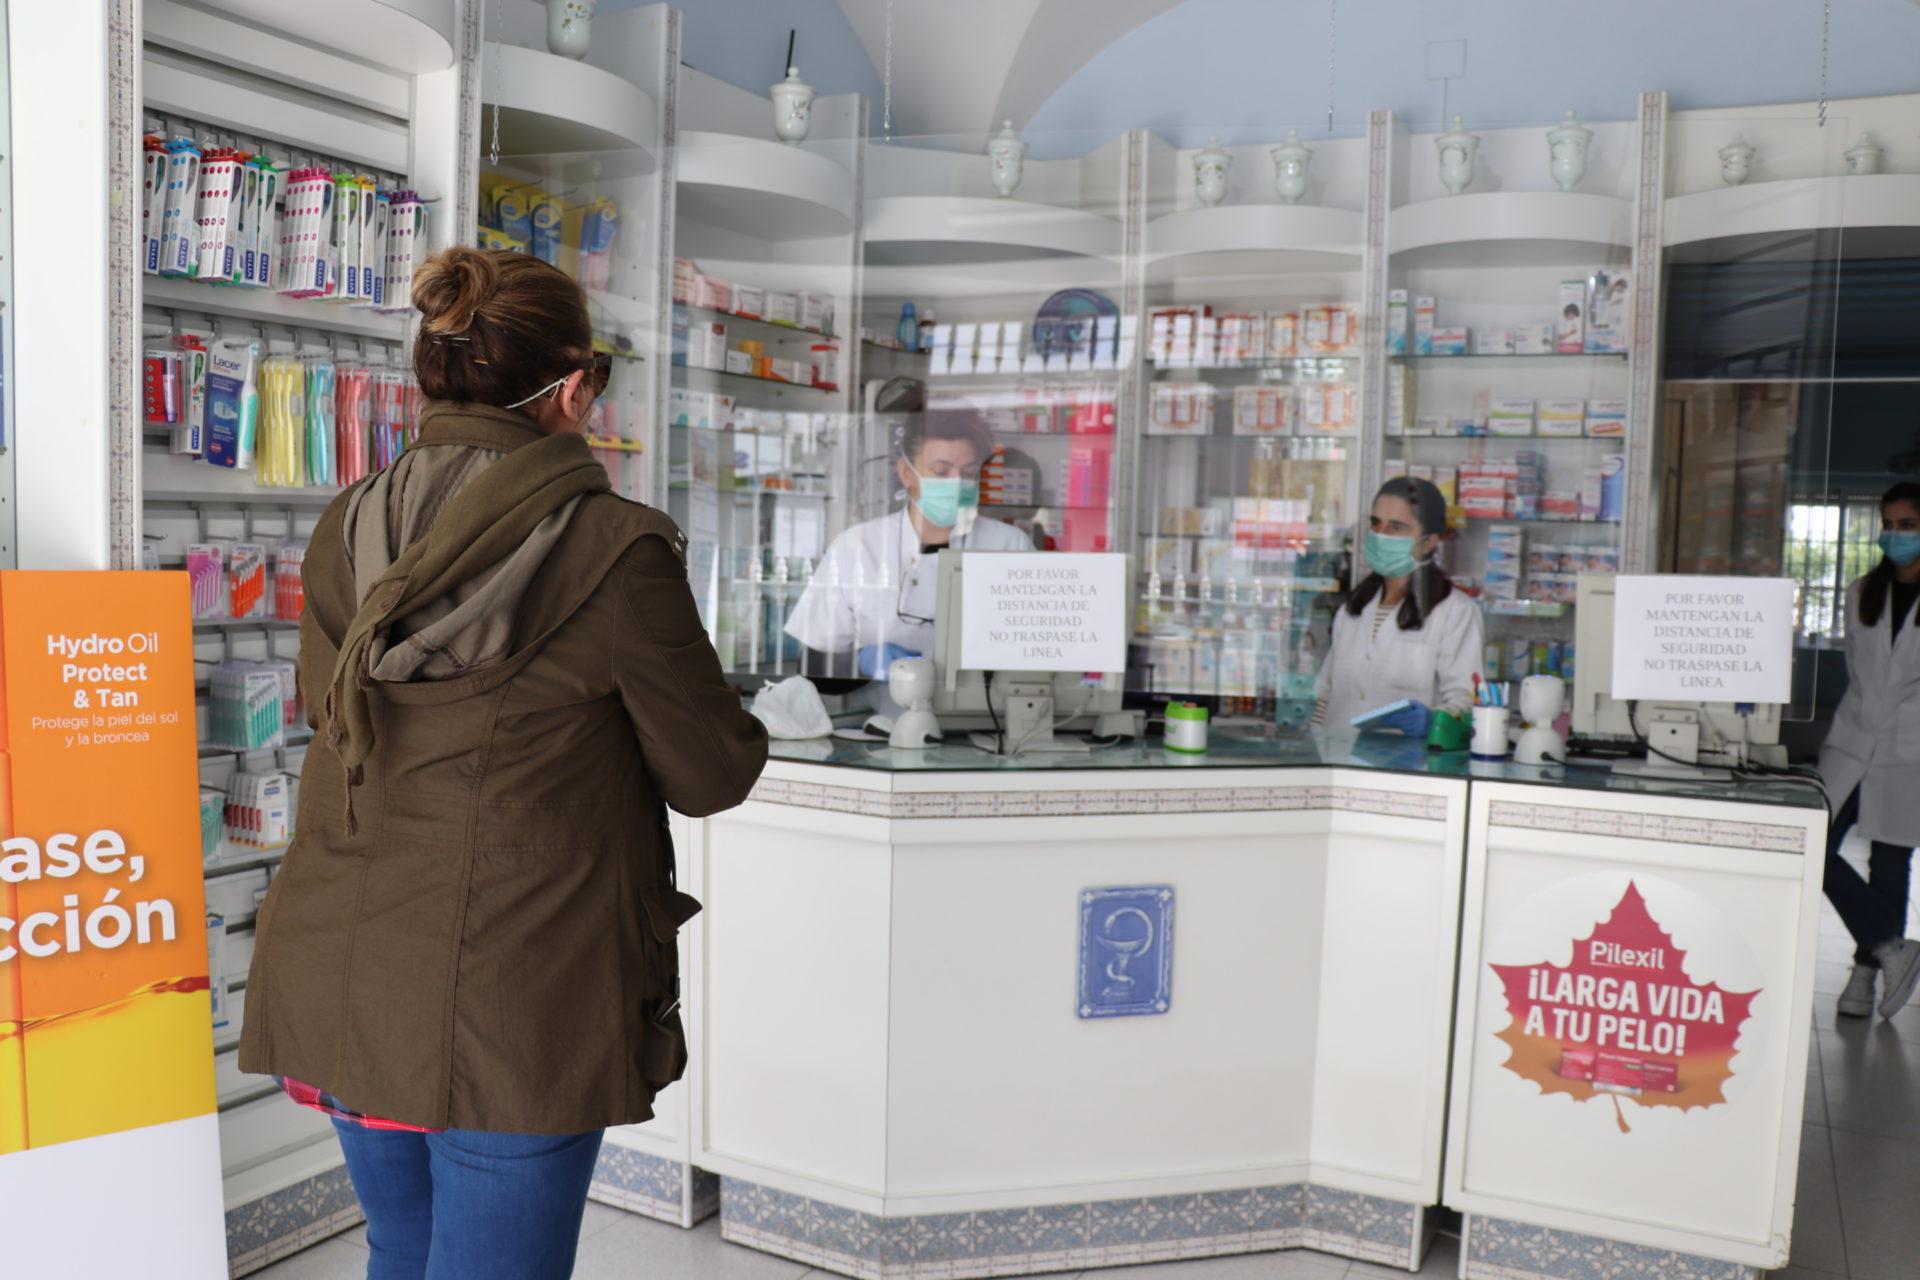 El Ayuntamiento ofrece un servicio de entrega a domicilio de alimentos y medicamentos